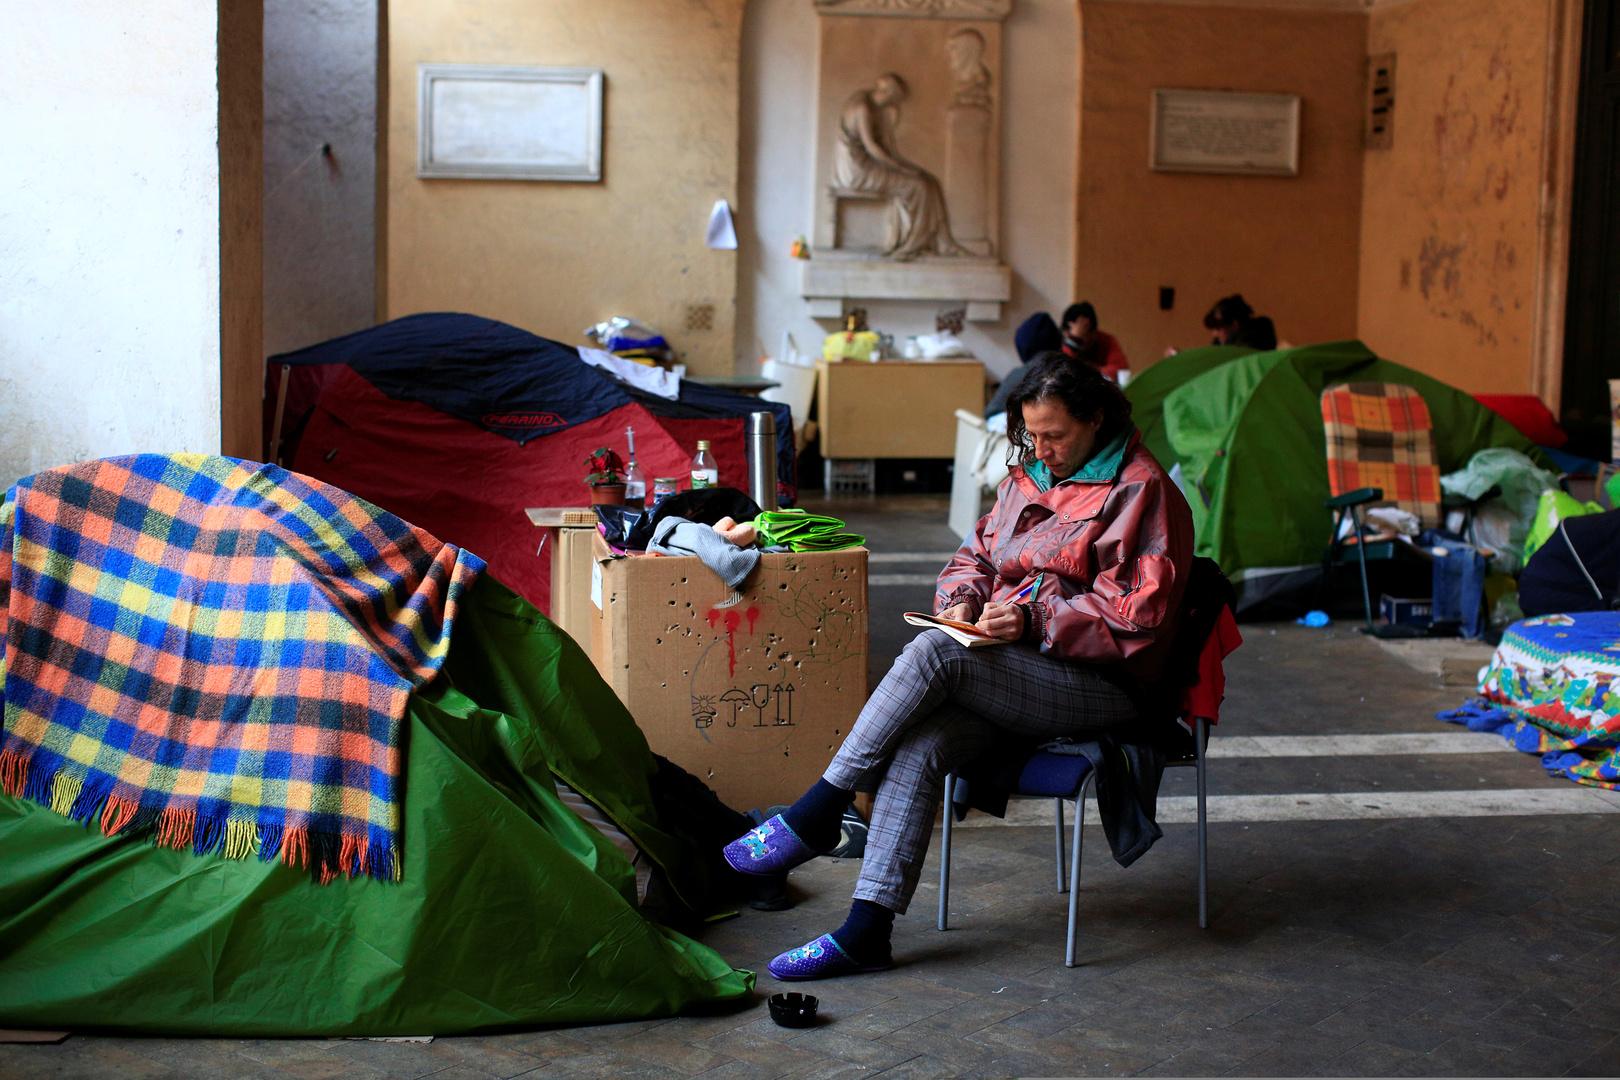 إيطاليا تسجل معدل فقر قياسي منذ العام 2005